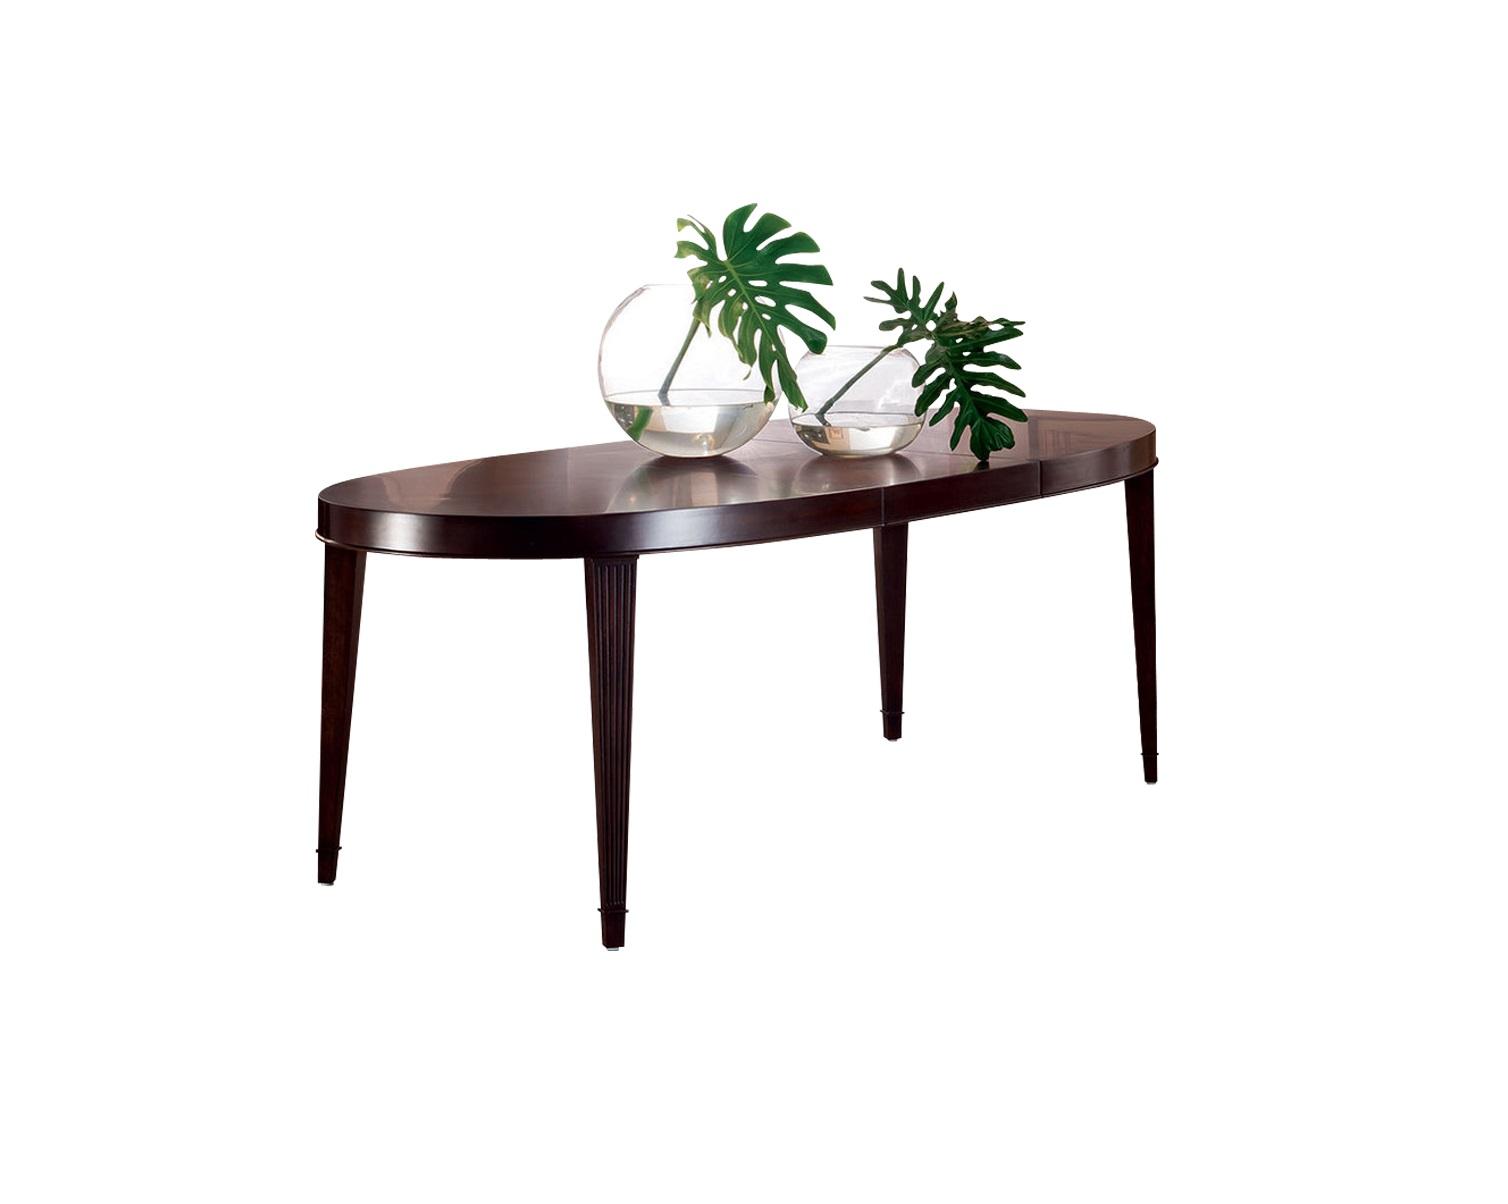 Раздвижной стол MestreОбеденные столы<br>Обеденный раздвижной стол из красного дерева. Благородный темный оттенок и утонченный дизайн делают его изящным, что позволяет стать главным украшением столовой.&amp;lt;div&amp;gt;&amp;amp;nbsp;&amp;lt;/div&amp;gt;&amp;lt;div&amp;gt;За счет раздвижной панели, длина стола увеличивается на 50 см.&amp;lt;/div&amp;gt;<br><br>Material: Дерево<br>Length см: None<br>Width см: 180<br>Depth см: 110<br>Height см: 76